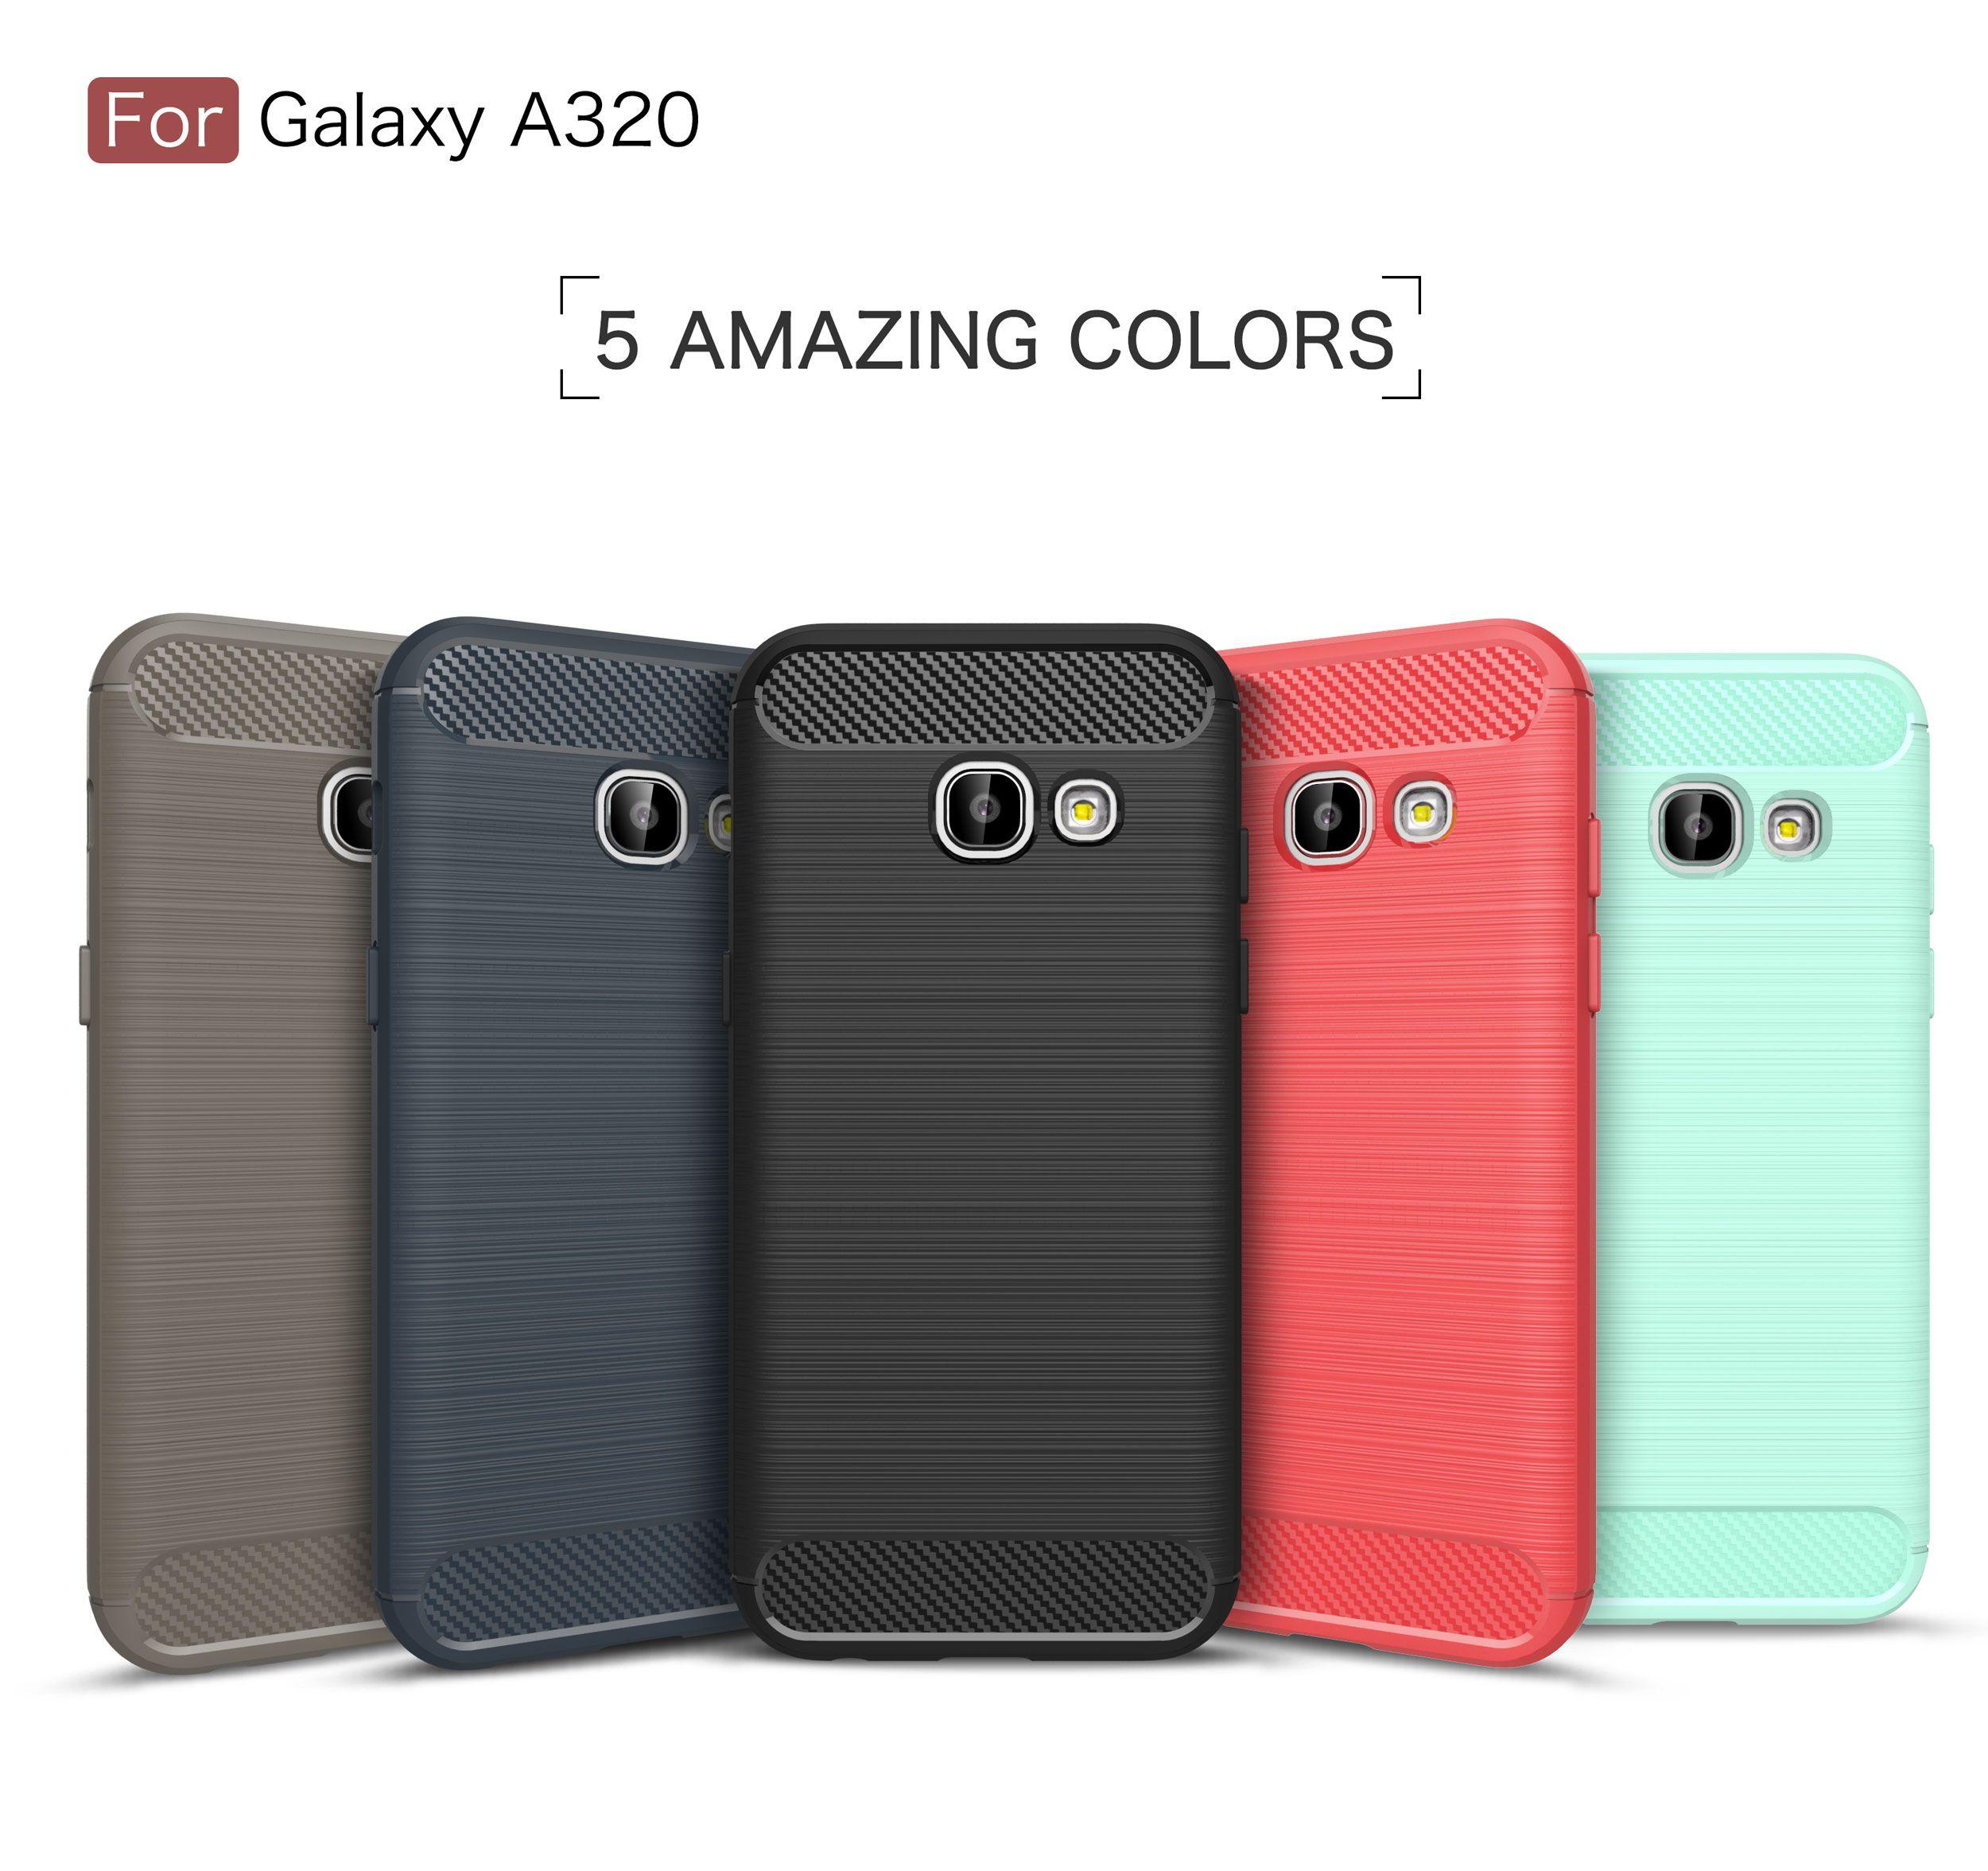 5c7f14ee898 Carcasas Personalizadas Para Moviles Para Samsung Galaxy A3 2017 Funda De  TPU De Silicona De Fibra De Carbono Cubierta Completa Para Galaxy A3 2017  A320 ...